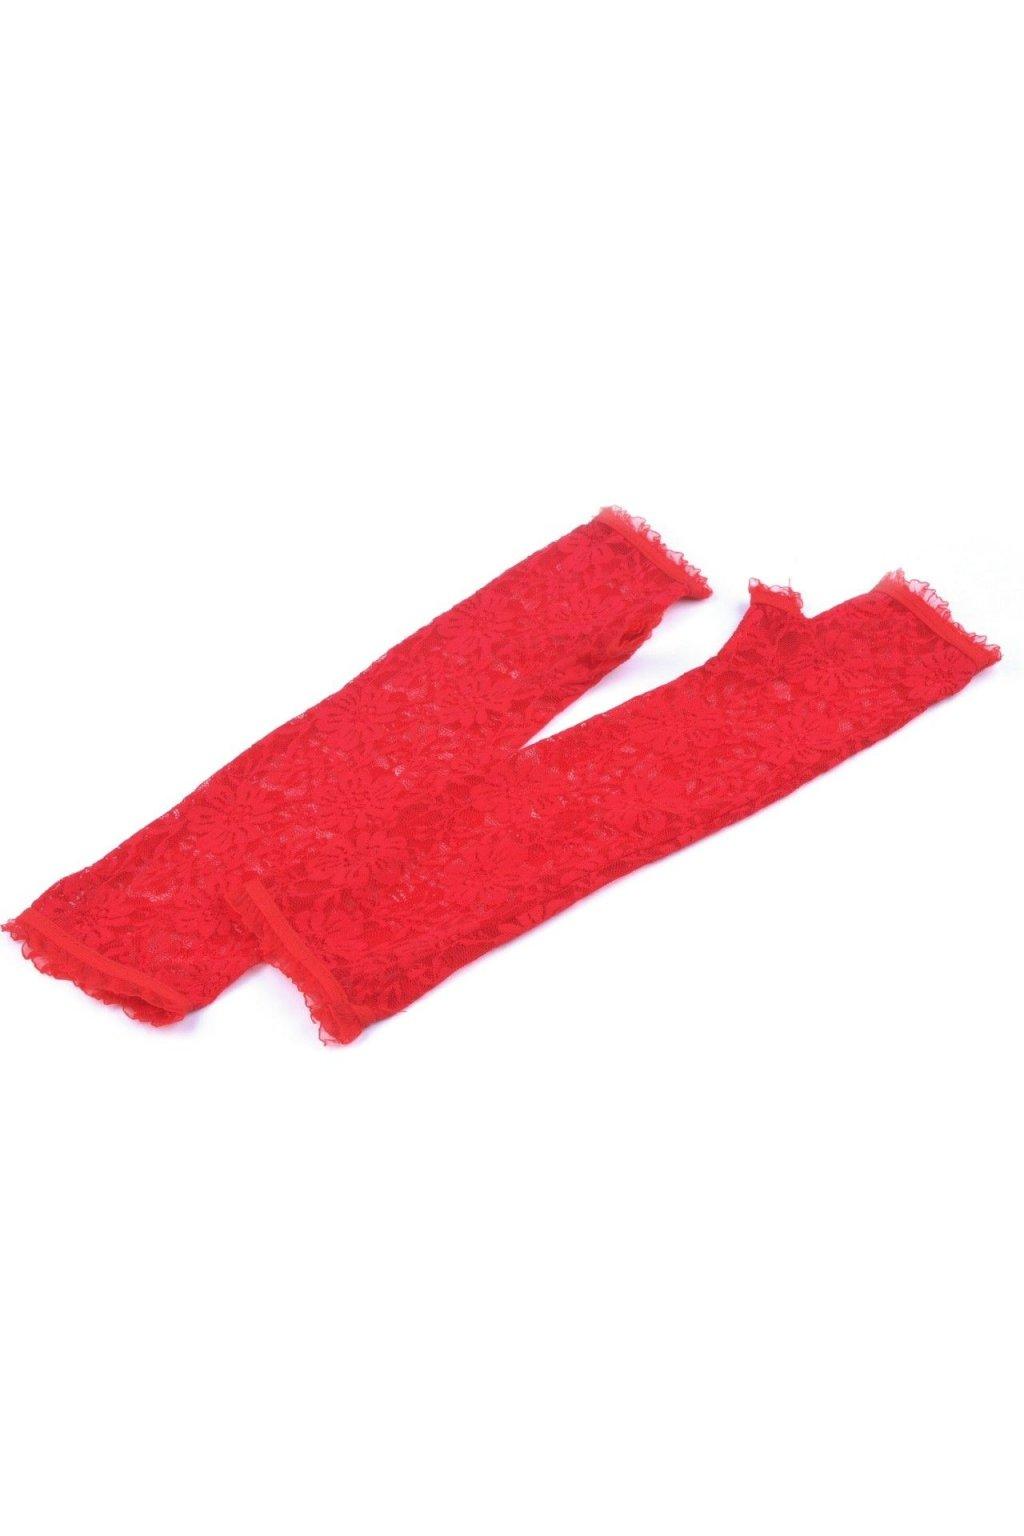 Krajkové rukavice červené bez prstů dlouhé